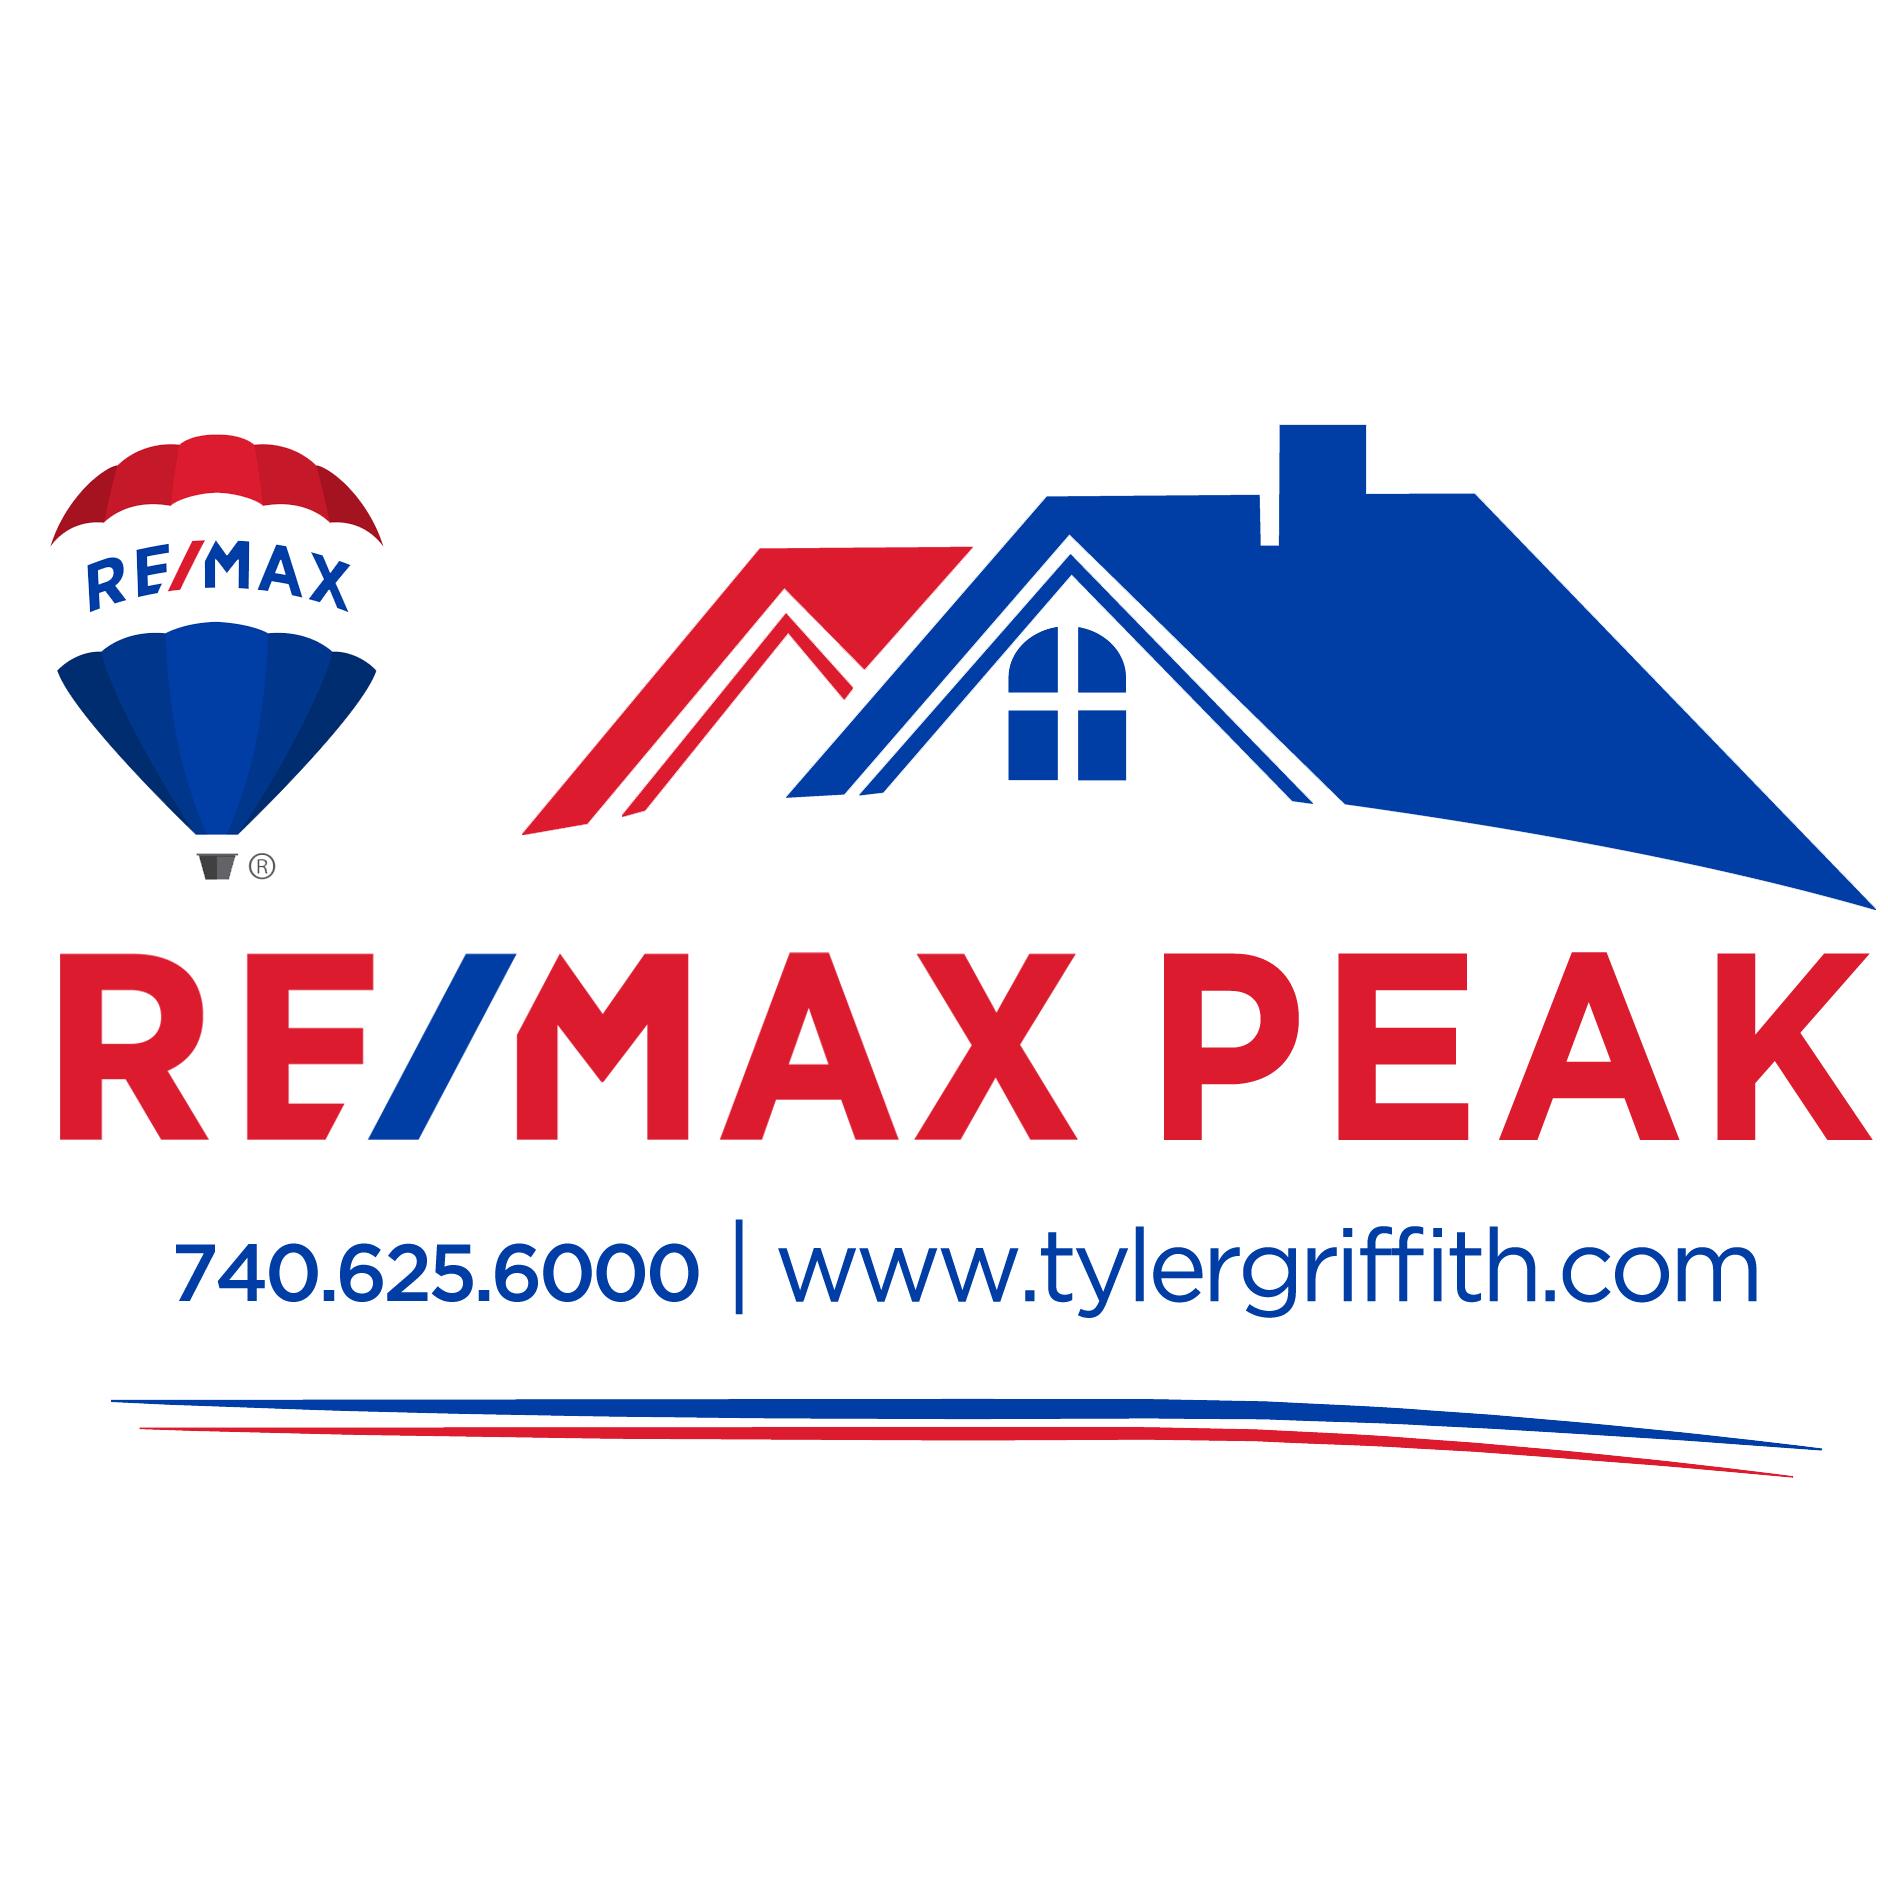 RE/MAX PEAK